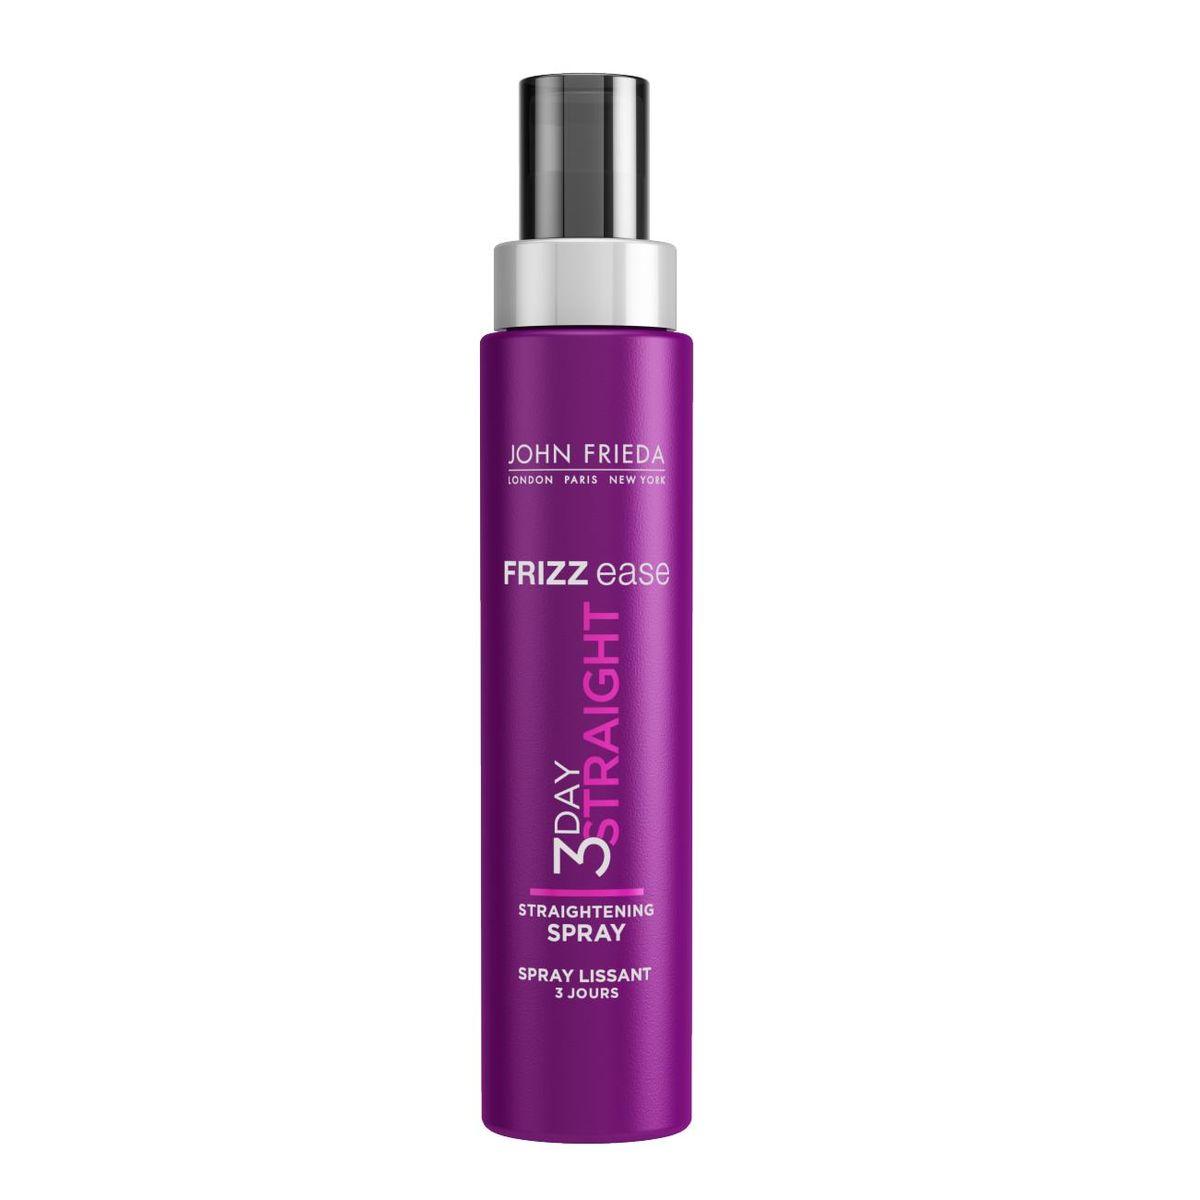 John Frieda Frizz-Ease 3 Day Straight Выпрямляющий моделирующий спрей для волос длительного действия, 100 мл